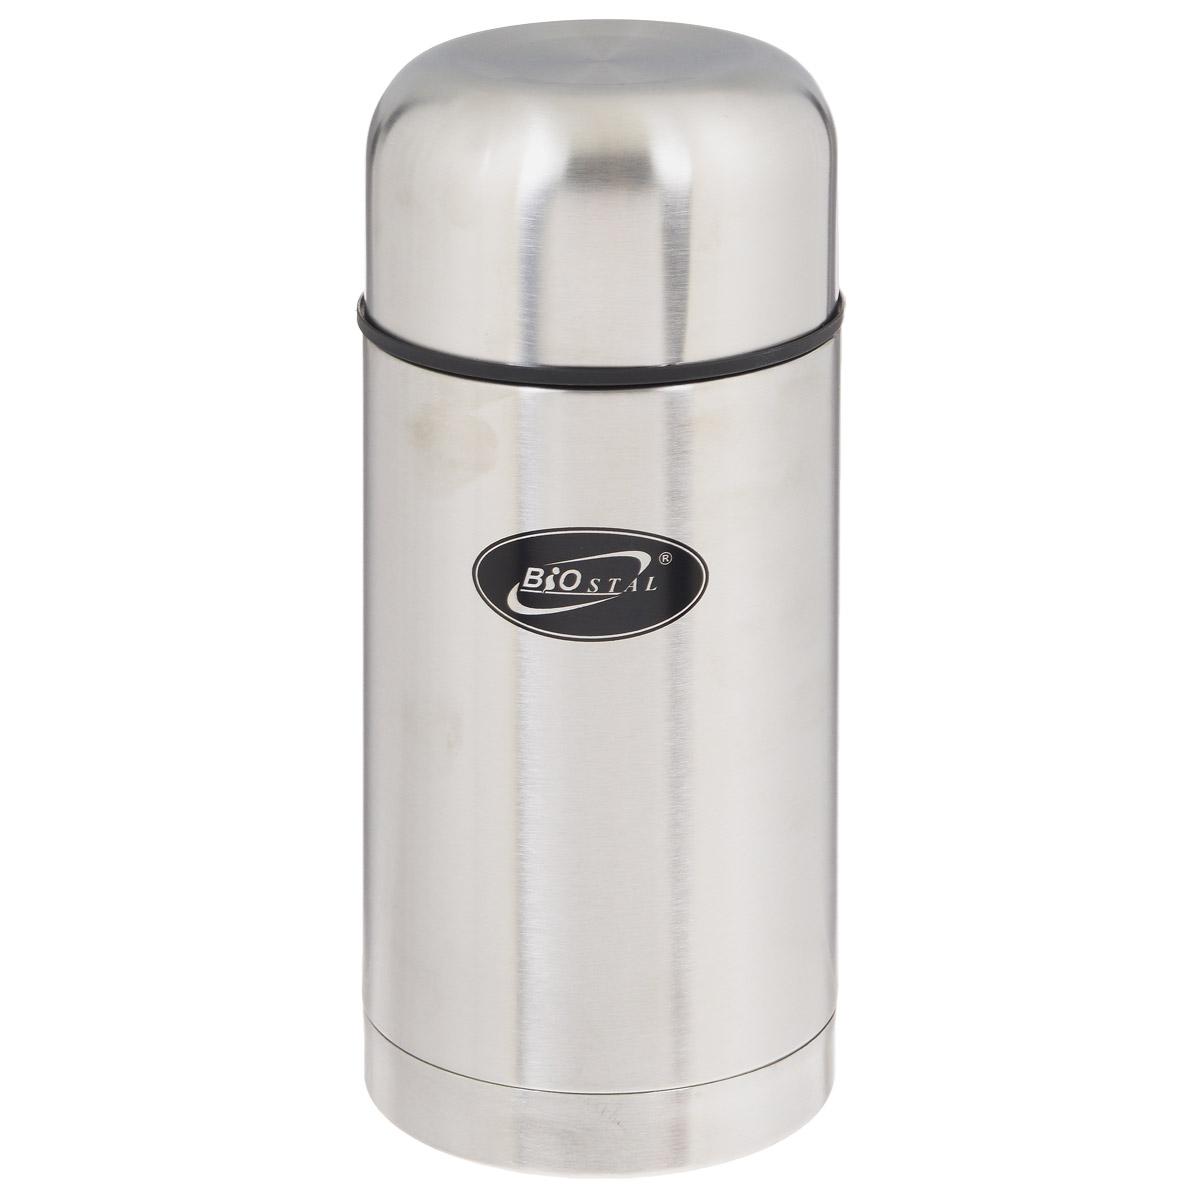 Термос BIOSTAL, в чехле, 1 л. NT-100067742Пищевой термос с широким горлом BIOSTAL, изготовленный из высококачественной нержавеющей стали, относится к классической серии. Термосы этой серии, являющейся лидером продаж, просты в использовании, экономичны и многофункциональны. Термос с широким горлом предназначен для хранения горячей и холодной пищи, замороженных продуктов, мороженного, фруктов и льда и укомплектован пробкой с клапаном. Такая пробка обладает дополнительной теплоизоляцией и позволяет термосу дольше хранить тепло, а клапан облегчает его открытие.Изделие также оснащено крышкой-чашкой и текстильным чехлом для хранения и переноски термоса. Легкий и прочный термос BIOSTAL сохранит ваши напитки горячими или холодными надолго.